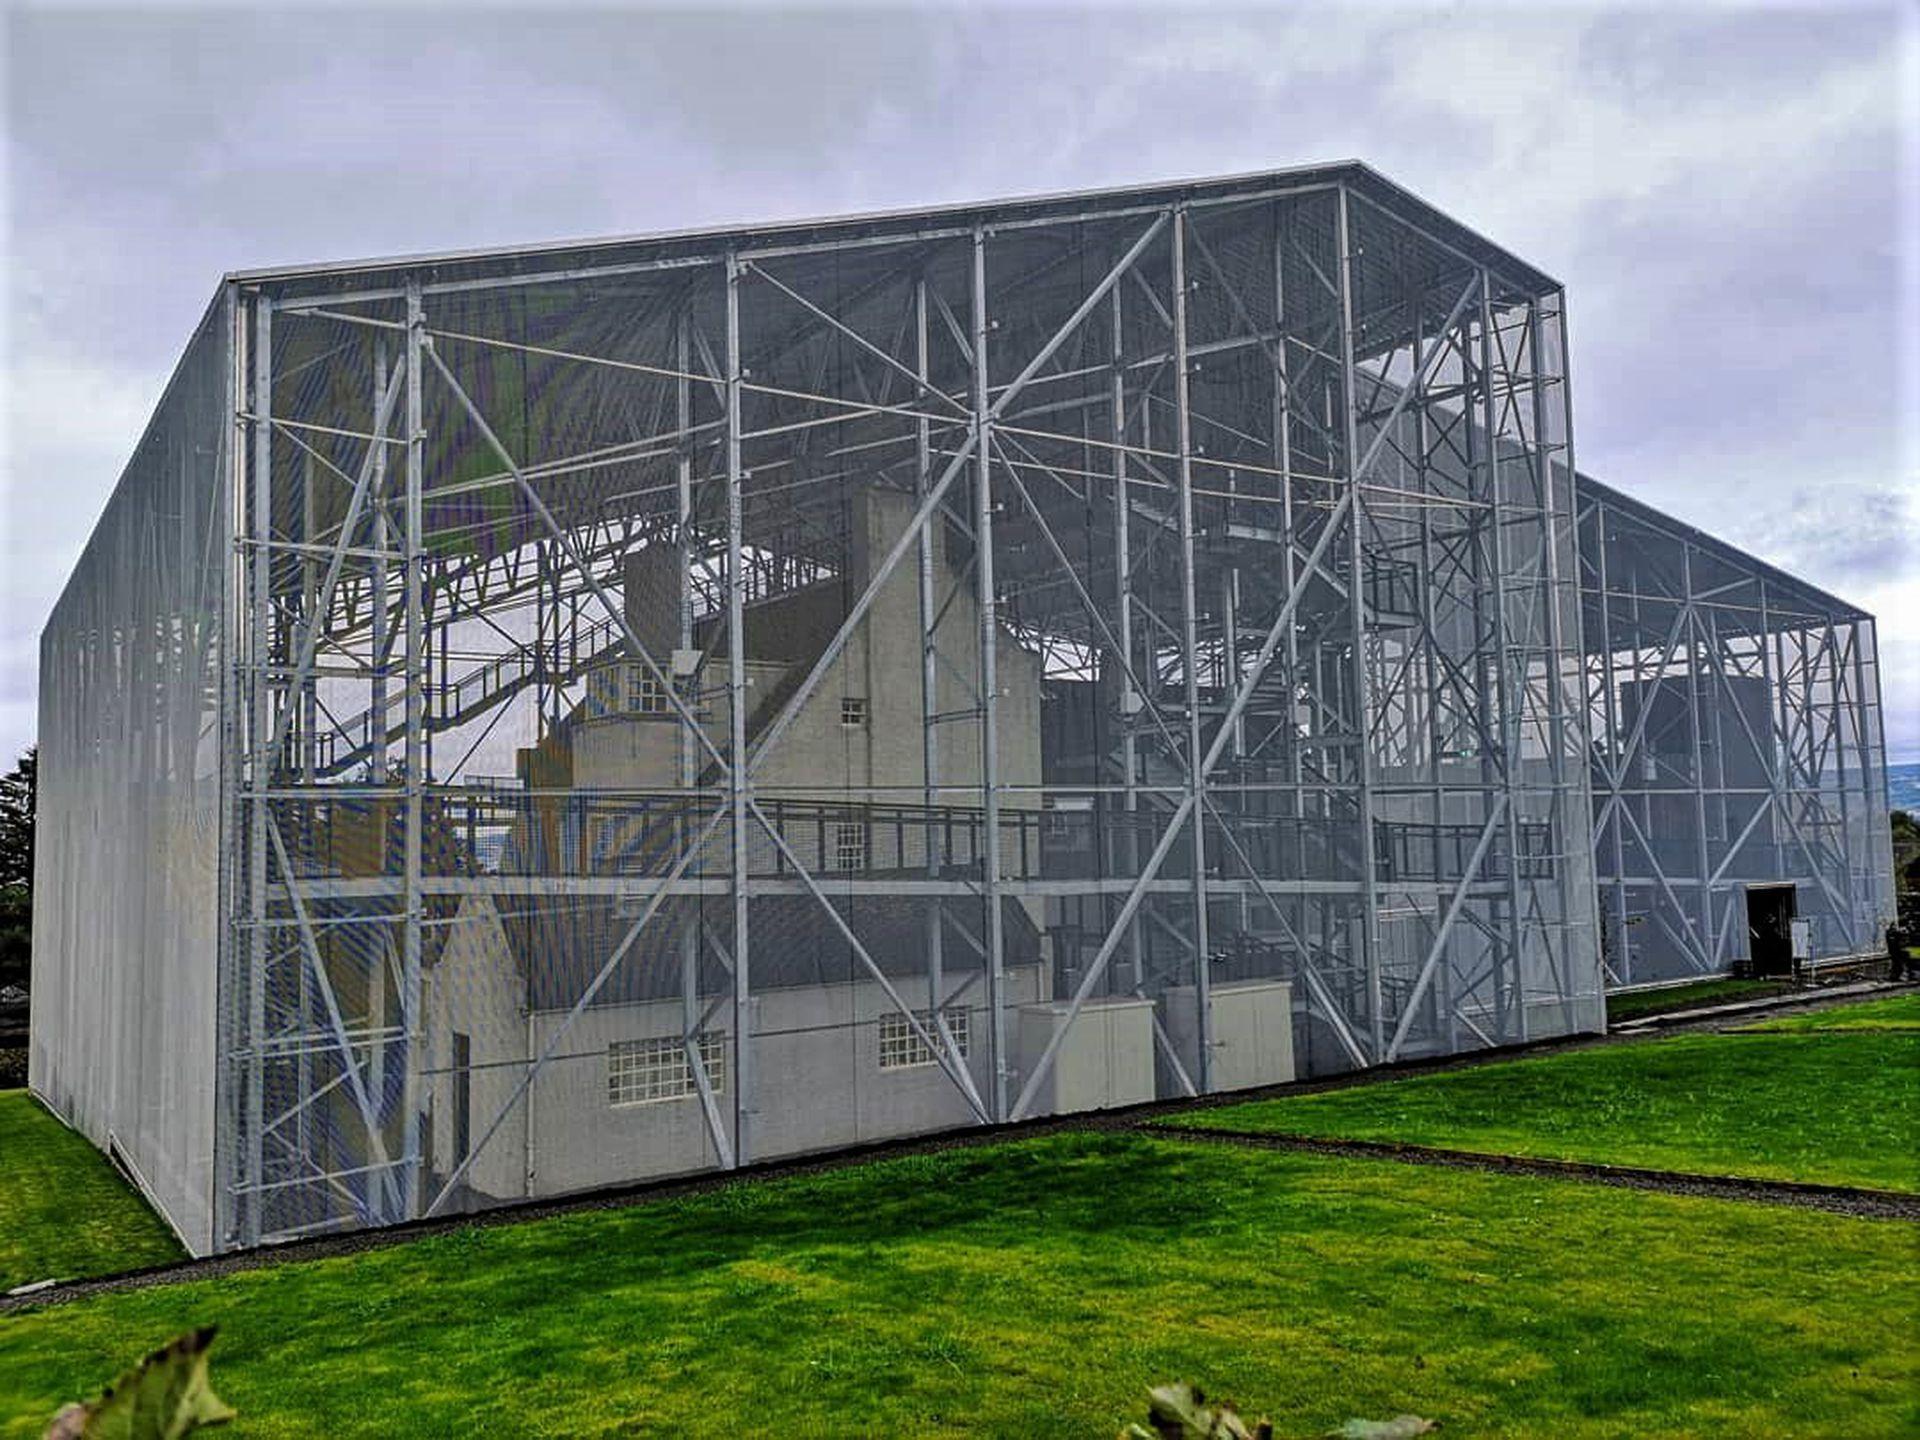 Hill House con la cubierta metálica en pleno proceso de preservación, pero abierta al público.